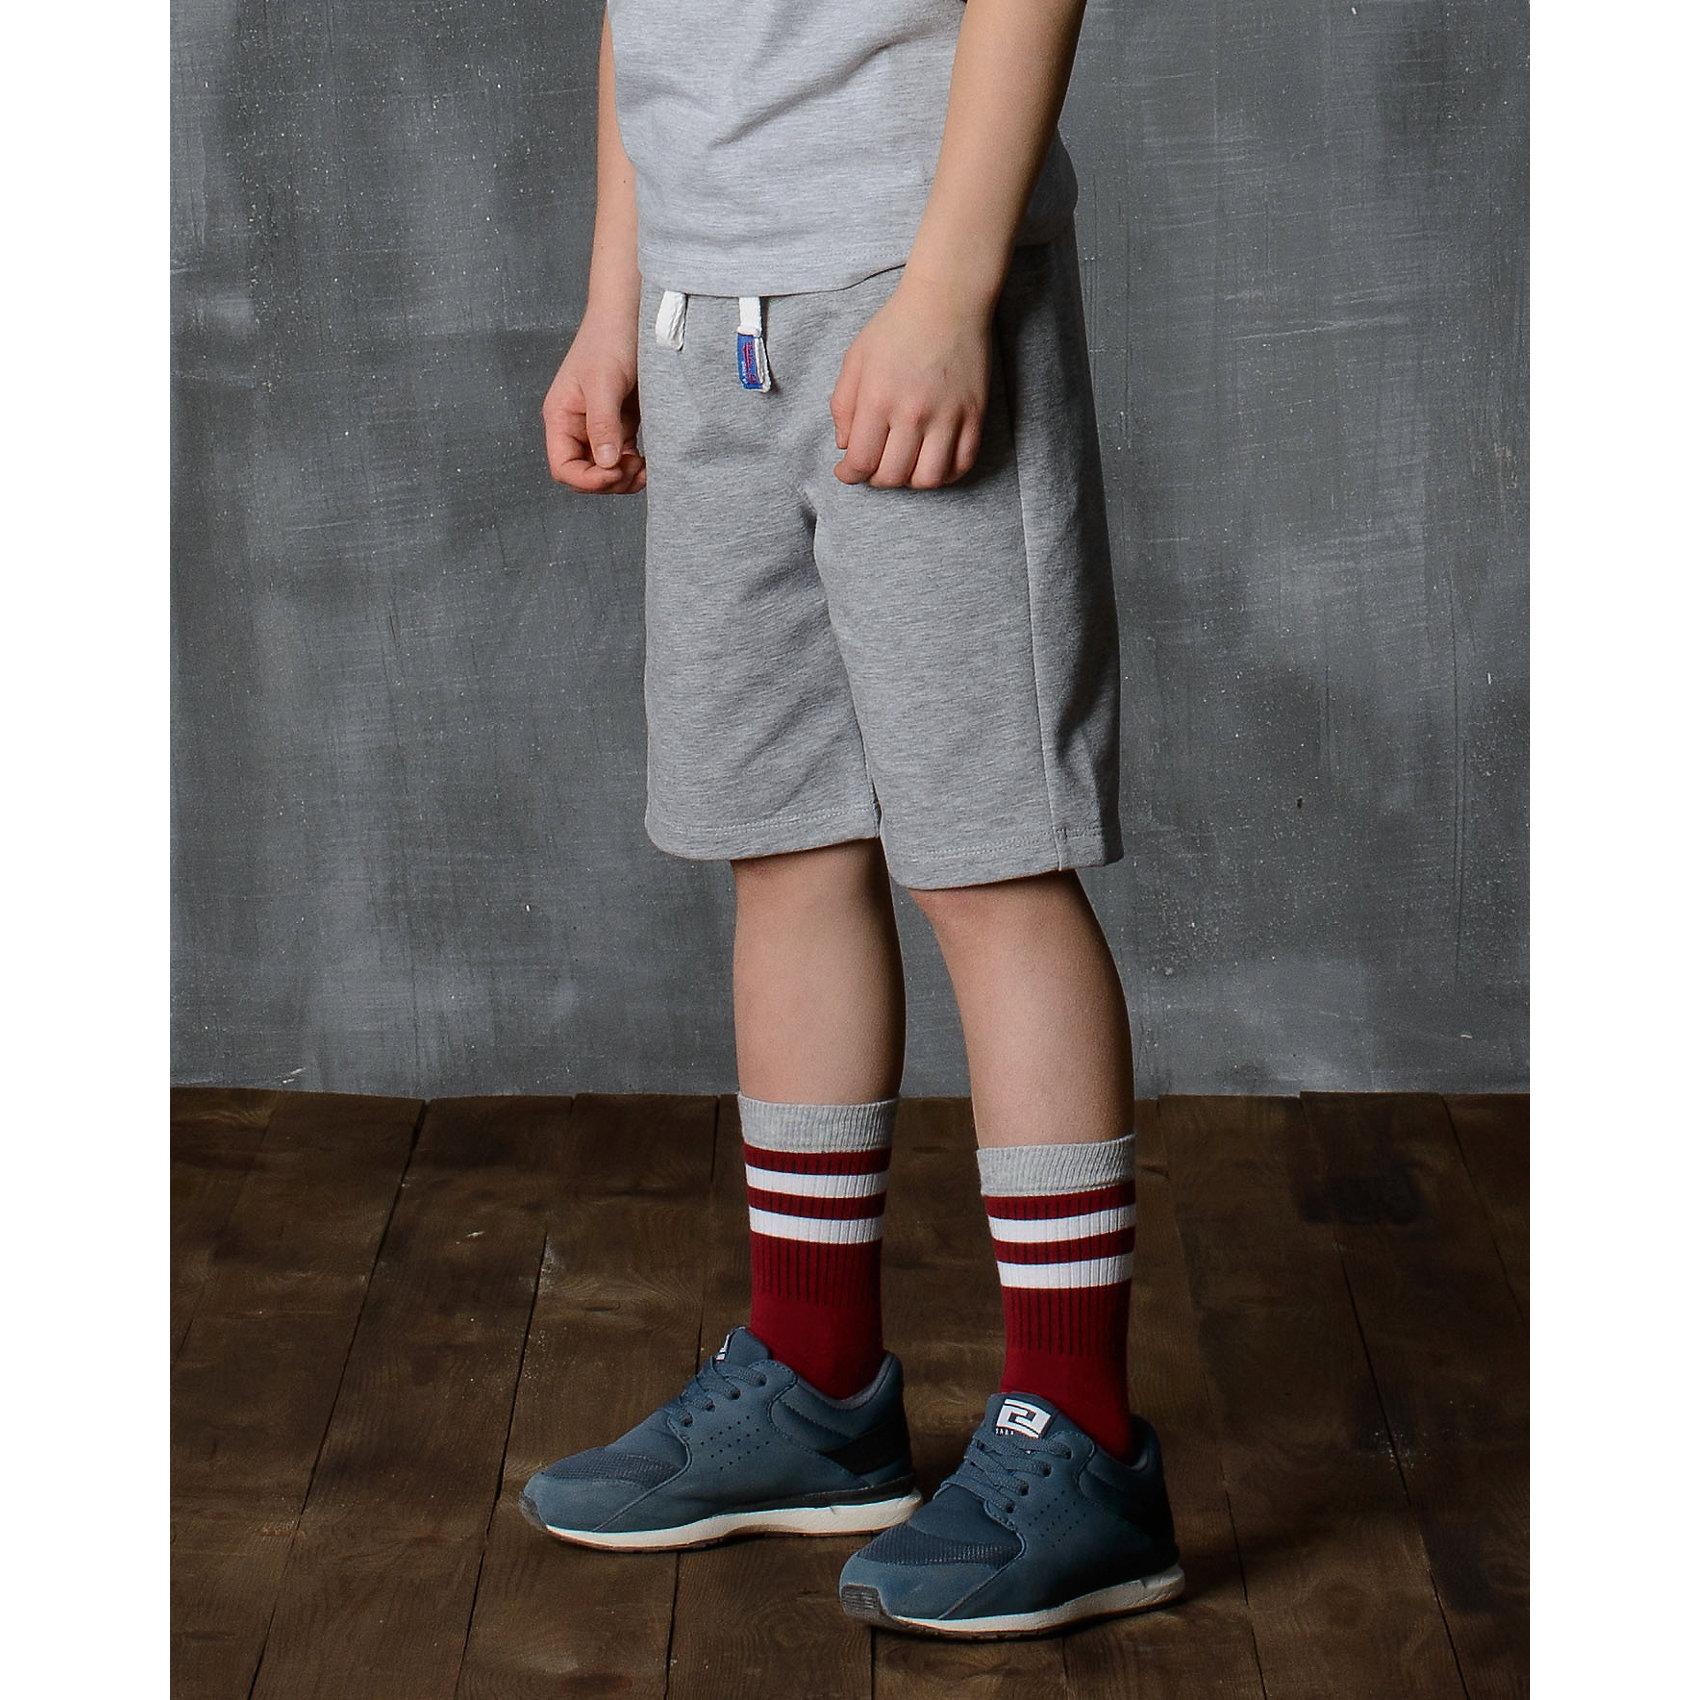 Шорты для мальчика Modniy JukШорты, бриджи, капри<br>Характеристики товара:<br><br>• цвет: серый<br>• состав: 70% хлопок, 30% полиэстер<br>• спортивный силуэт<br>• дышащий материал<br>• пояс - мягкая резинка<br>• логотип<br>• шнурок в поясе<br><br>• страна бренда: Российская Федерация<br>• страна производства: Российская Федерация<br><br>Модели одежды из новой коллекции от бренда Модный жук - это стильные и удобные вещи, созданные специально для детей. Они отличаются продуманным дизайном, качественными материалами и комфортной посадкой. Дети носят их с удовольствием! Стильные шорты спортивного силуэта - хит сезона, отличный вариант базовой вещи для теплой погоды. Они отлично сочетаются с майками, футболками, куртками. Хорошо сидят по фигуре.<br>Одежда и аксессуары от российского бренда Модный жук - это способ пополнить гардероб ребенка модными изделиями по доступной цене. Для их производства используются только безопасные, проверенные материалы и фурнитура. Новая коллекция поддерживает хорошие традиции бренда! <br><br>Шорты для мальчика от популярного бренда Модный жук можно купить в нашем интернет-магазине.<br><br>Ширина мм: 191<br>Глубина мм: 10<br>Высота мм: 175<br>Вес г: 273<br>Цвет: серый<br>Возраст от месяцев: 36<br>Возраст до месяцев: 48<br>Пол: Мужской<br>Возраст: Детский<br>Размер: 98/104,158/164,104/110,110/116,116/122,122/128,128/134,134/140,140/146,146/152,152/158<br>SKU: 5614121